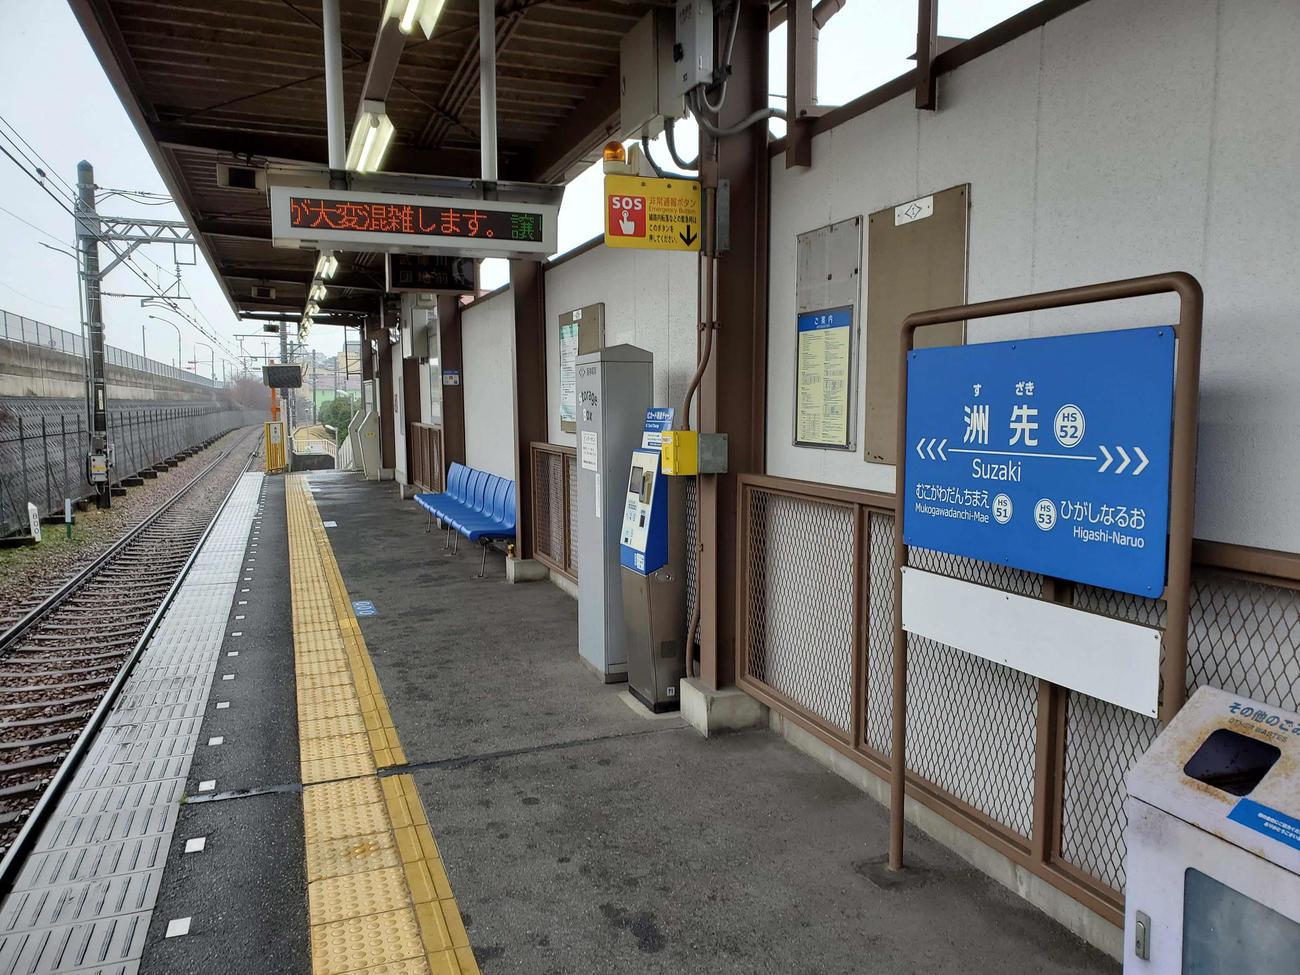 〈7〉棒状駅の無人駅である洲先駅